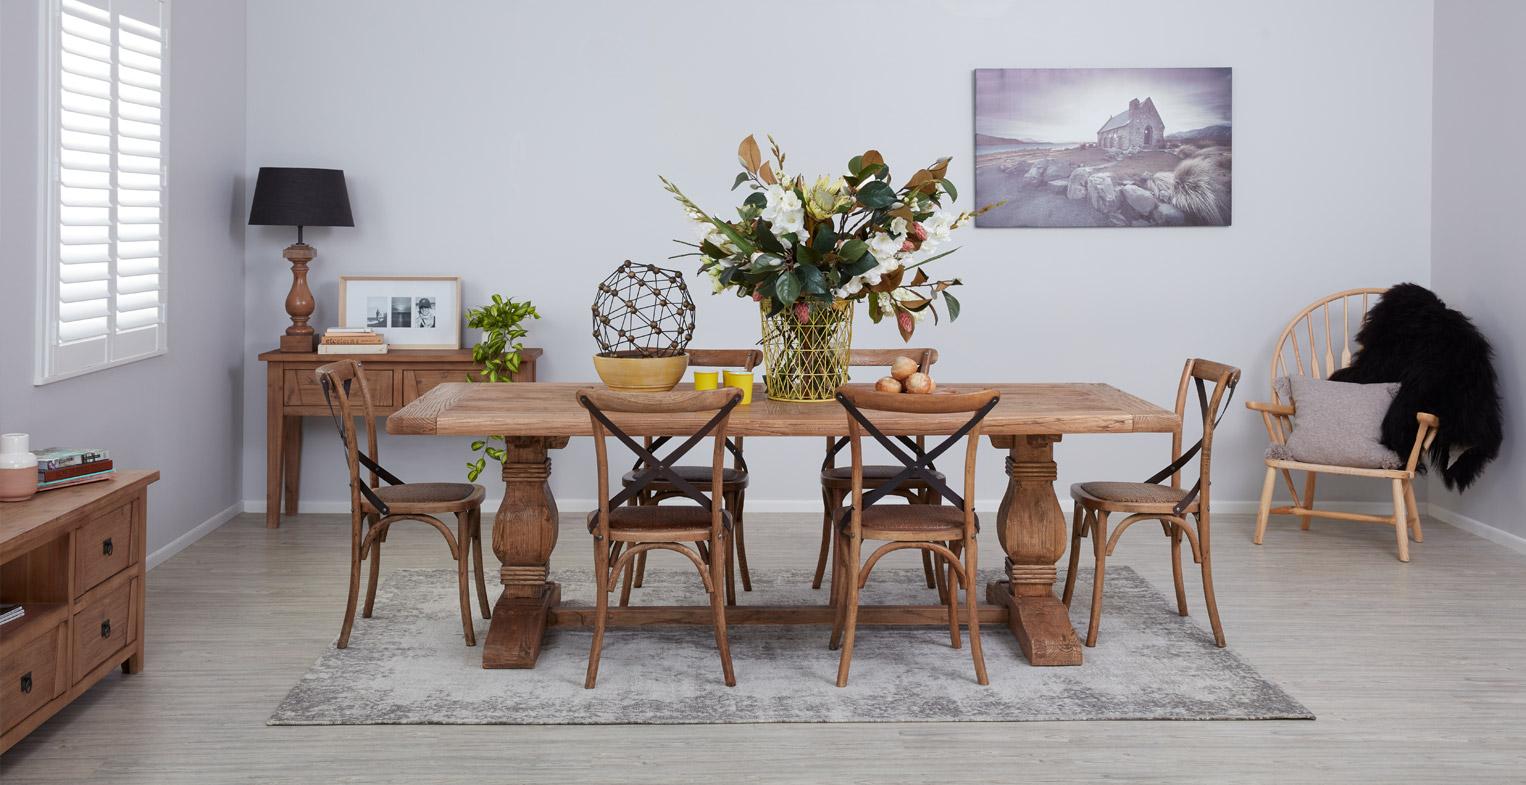 Danske møbler new zealand made furniture stressless